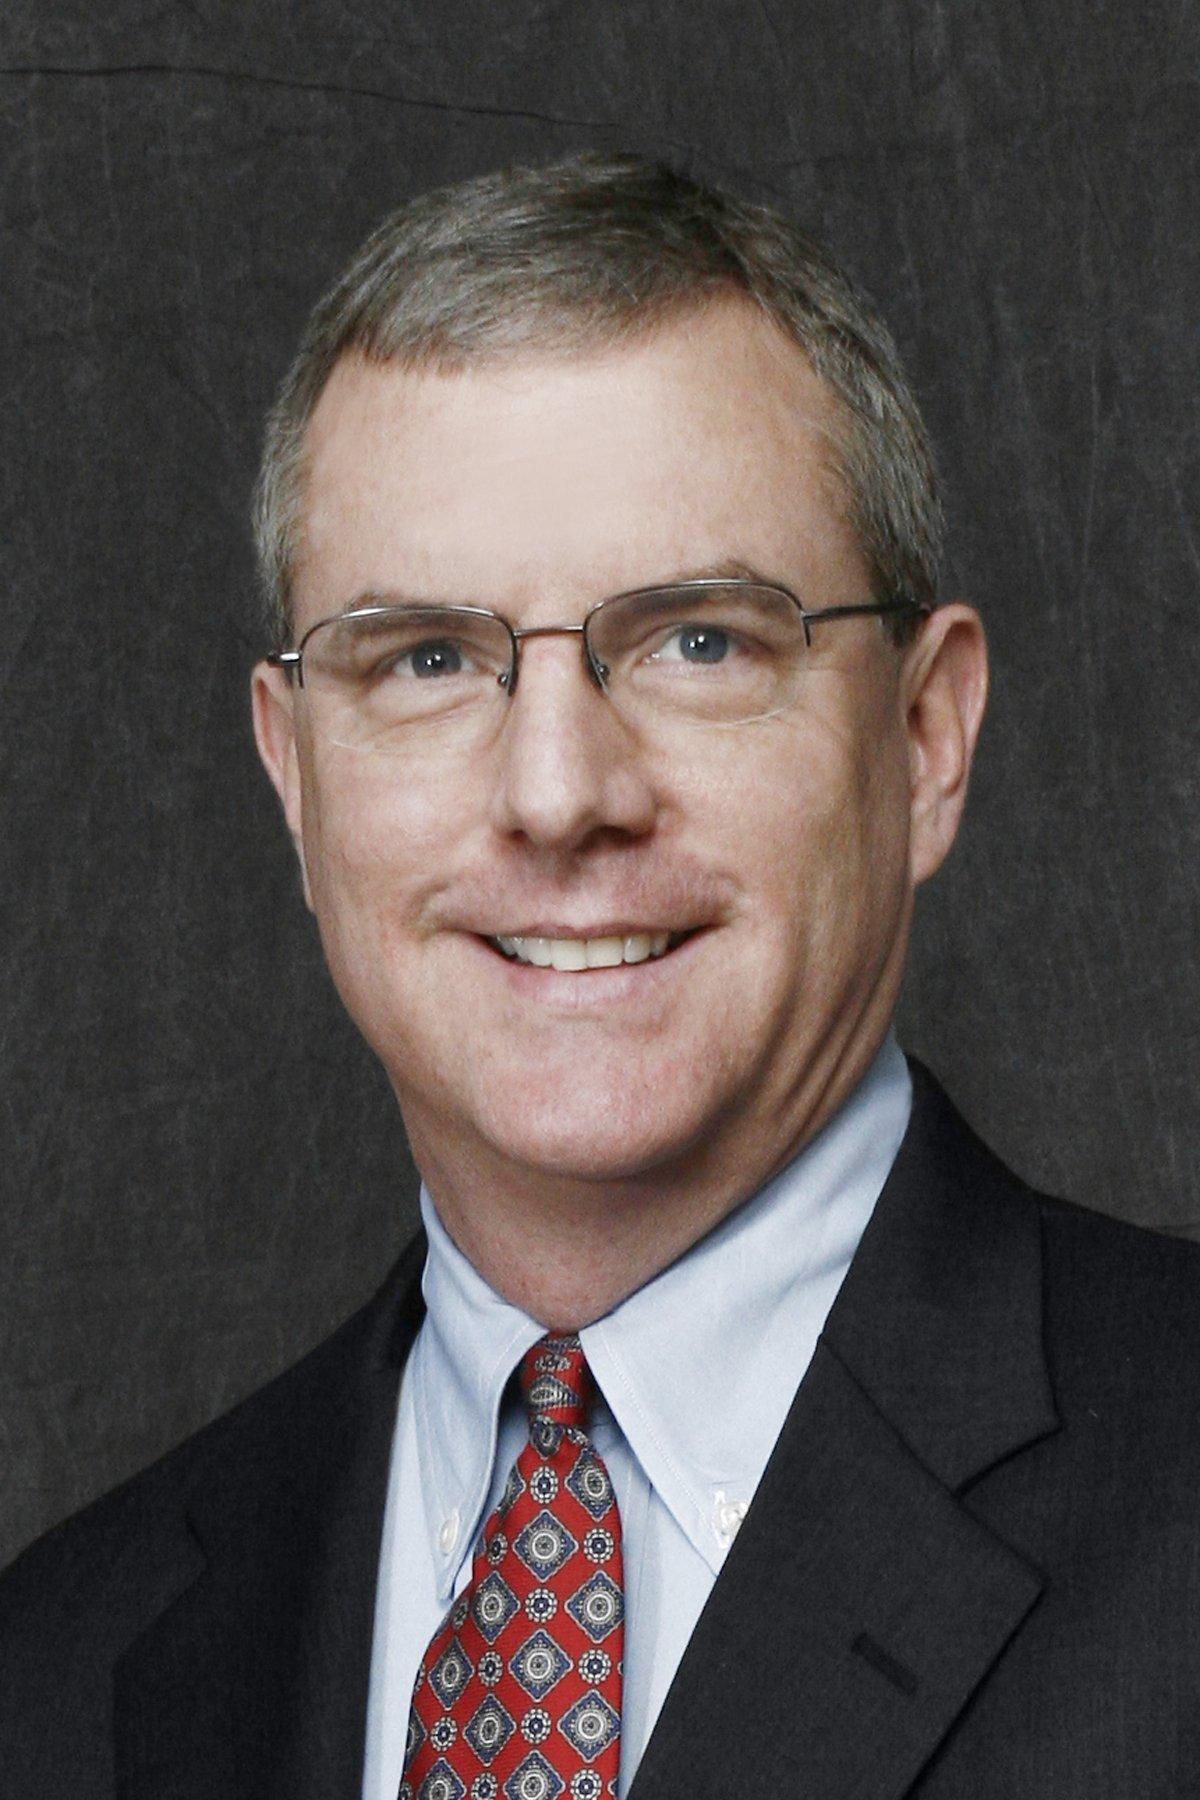 Rob McDonough